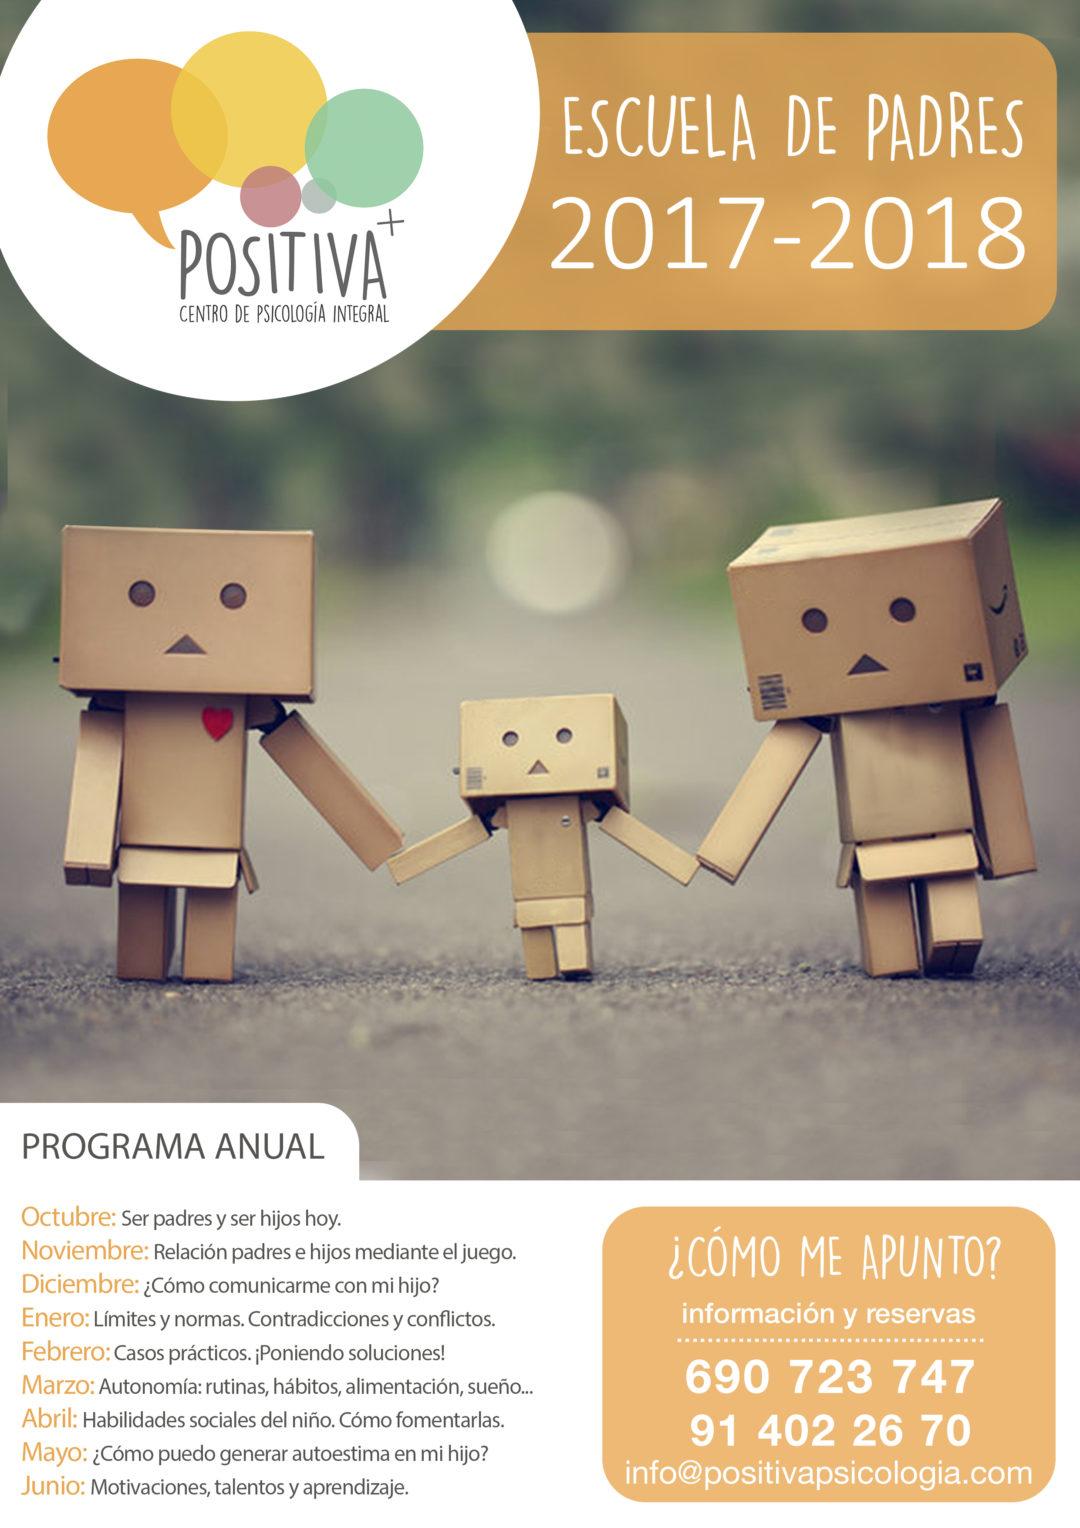 Escuelas de padres 2017-2018